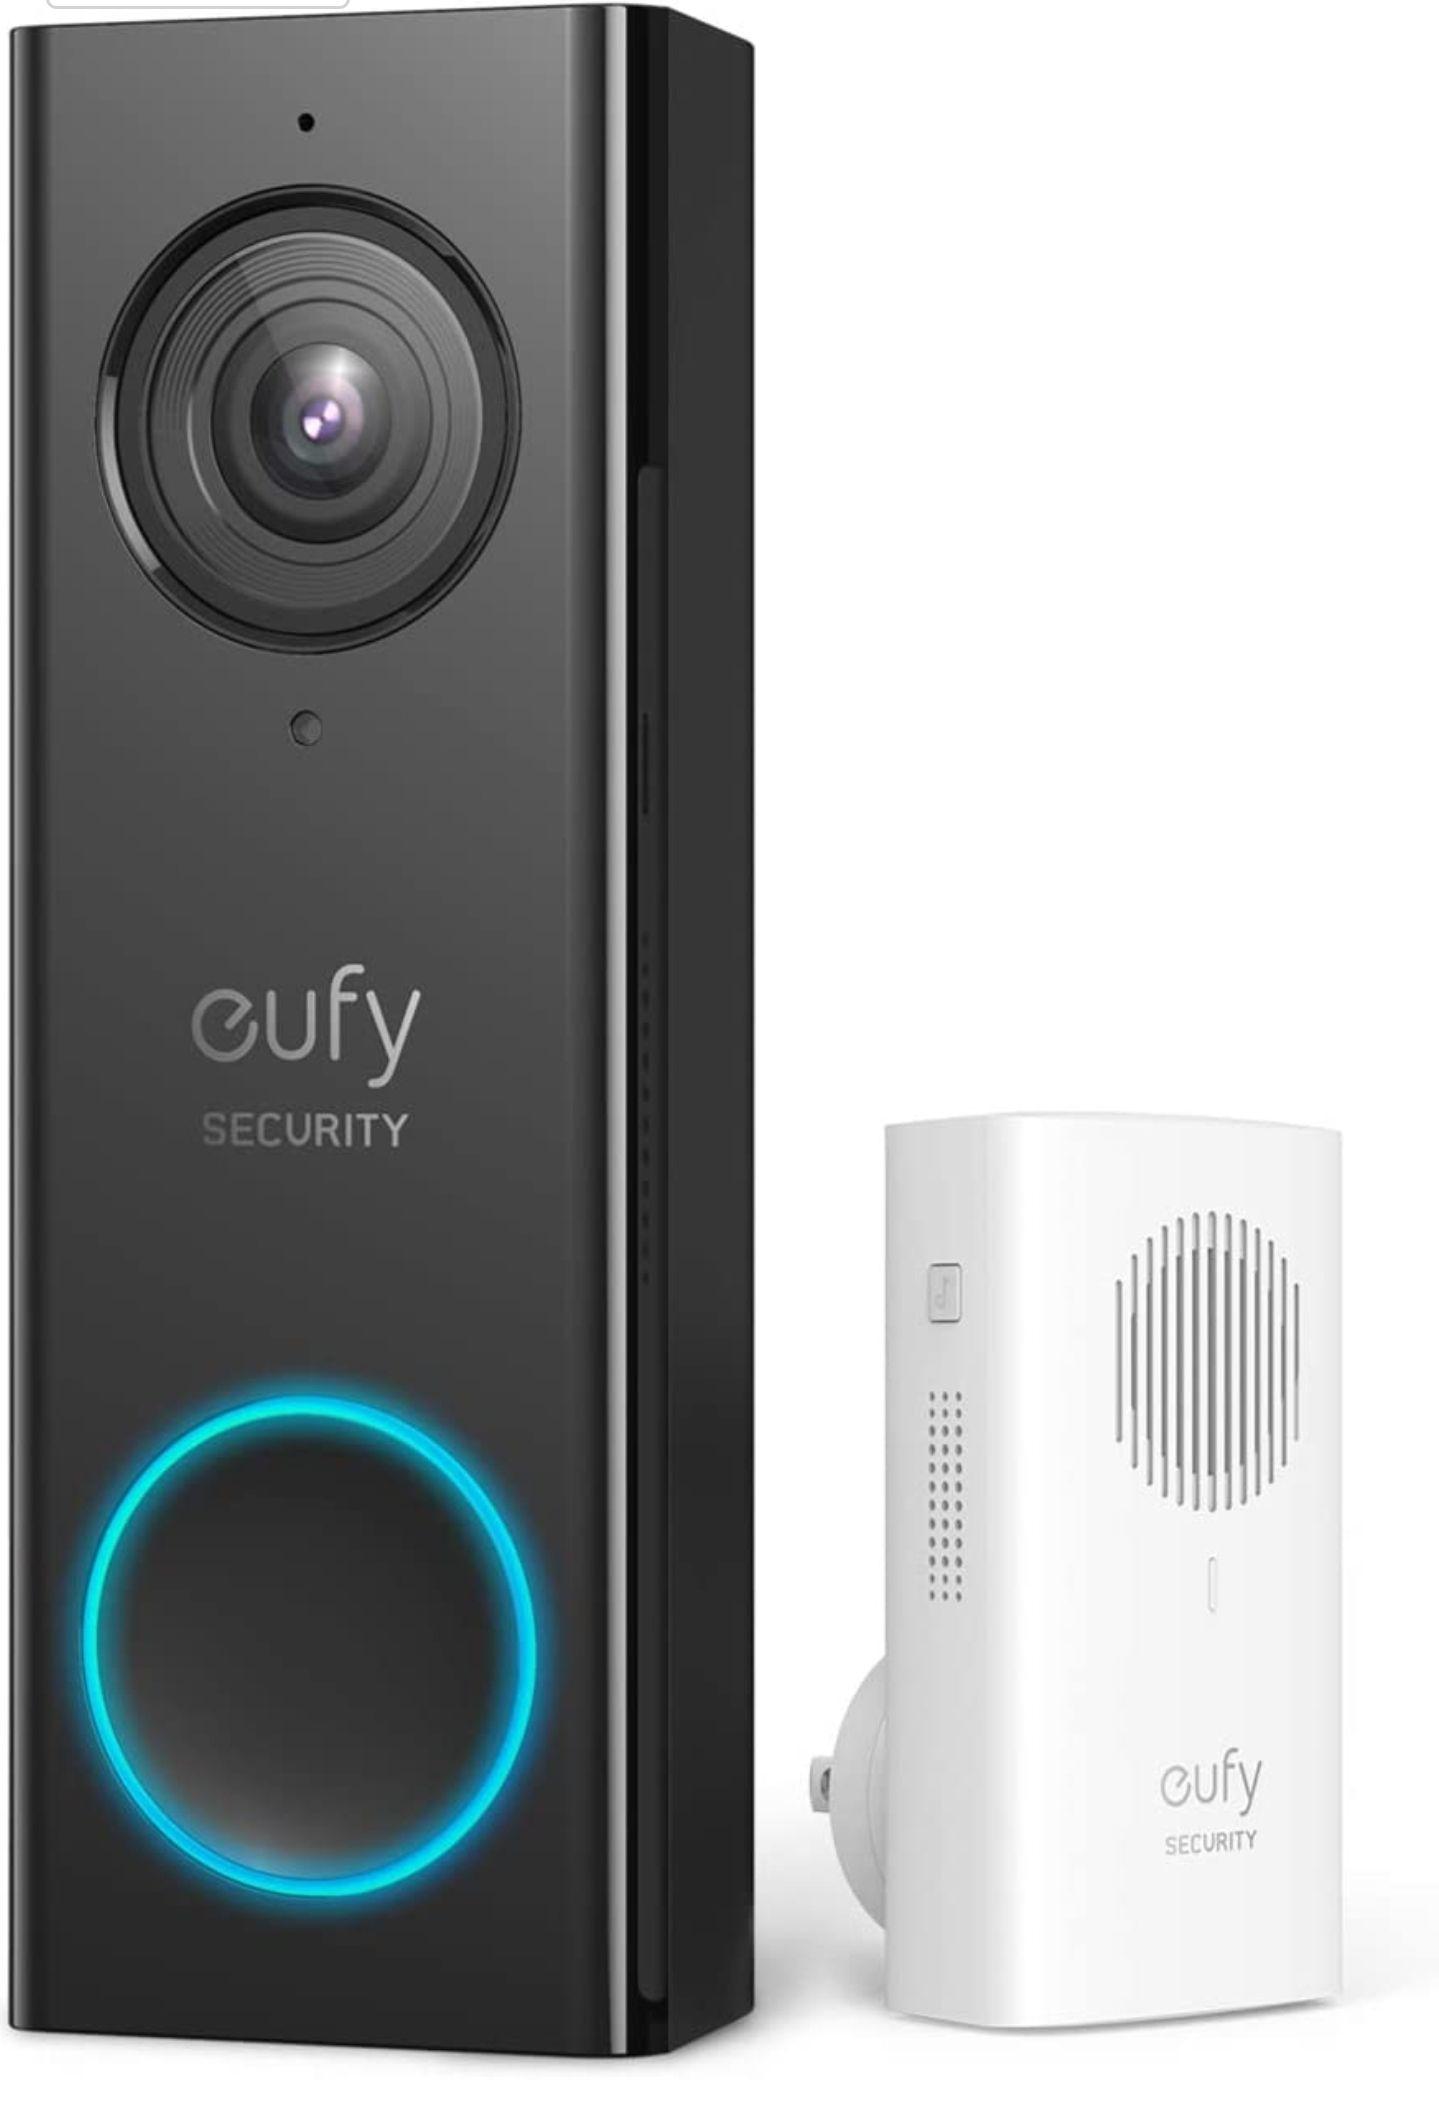 [Amazon] eufy Security, Video-Türklingel mit WLAN-Funktion, 2K HD, Türglocke mit doppelseitiger Audiofunktion, ohne monatliche Gebühren